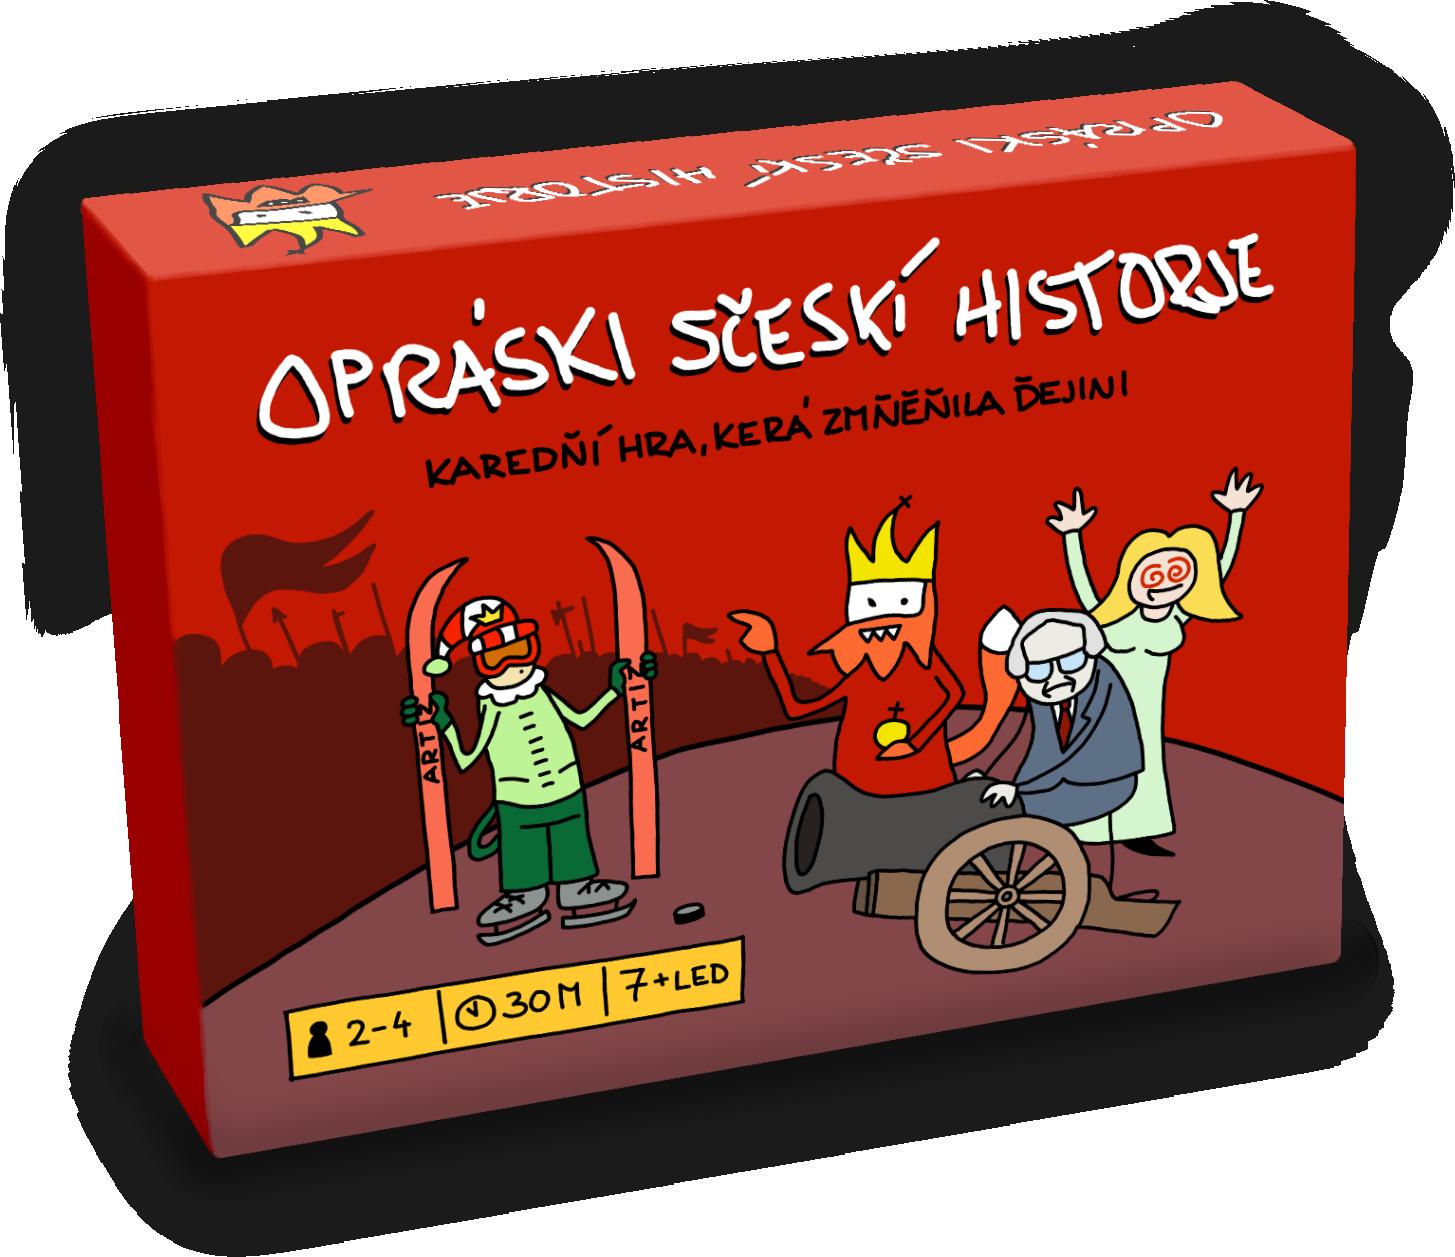 Opráski sčeskí historje - karetní hra, Karedňí hra, kerá změňila ďejini